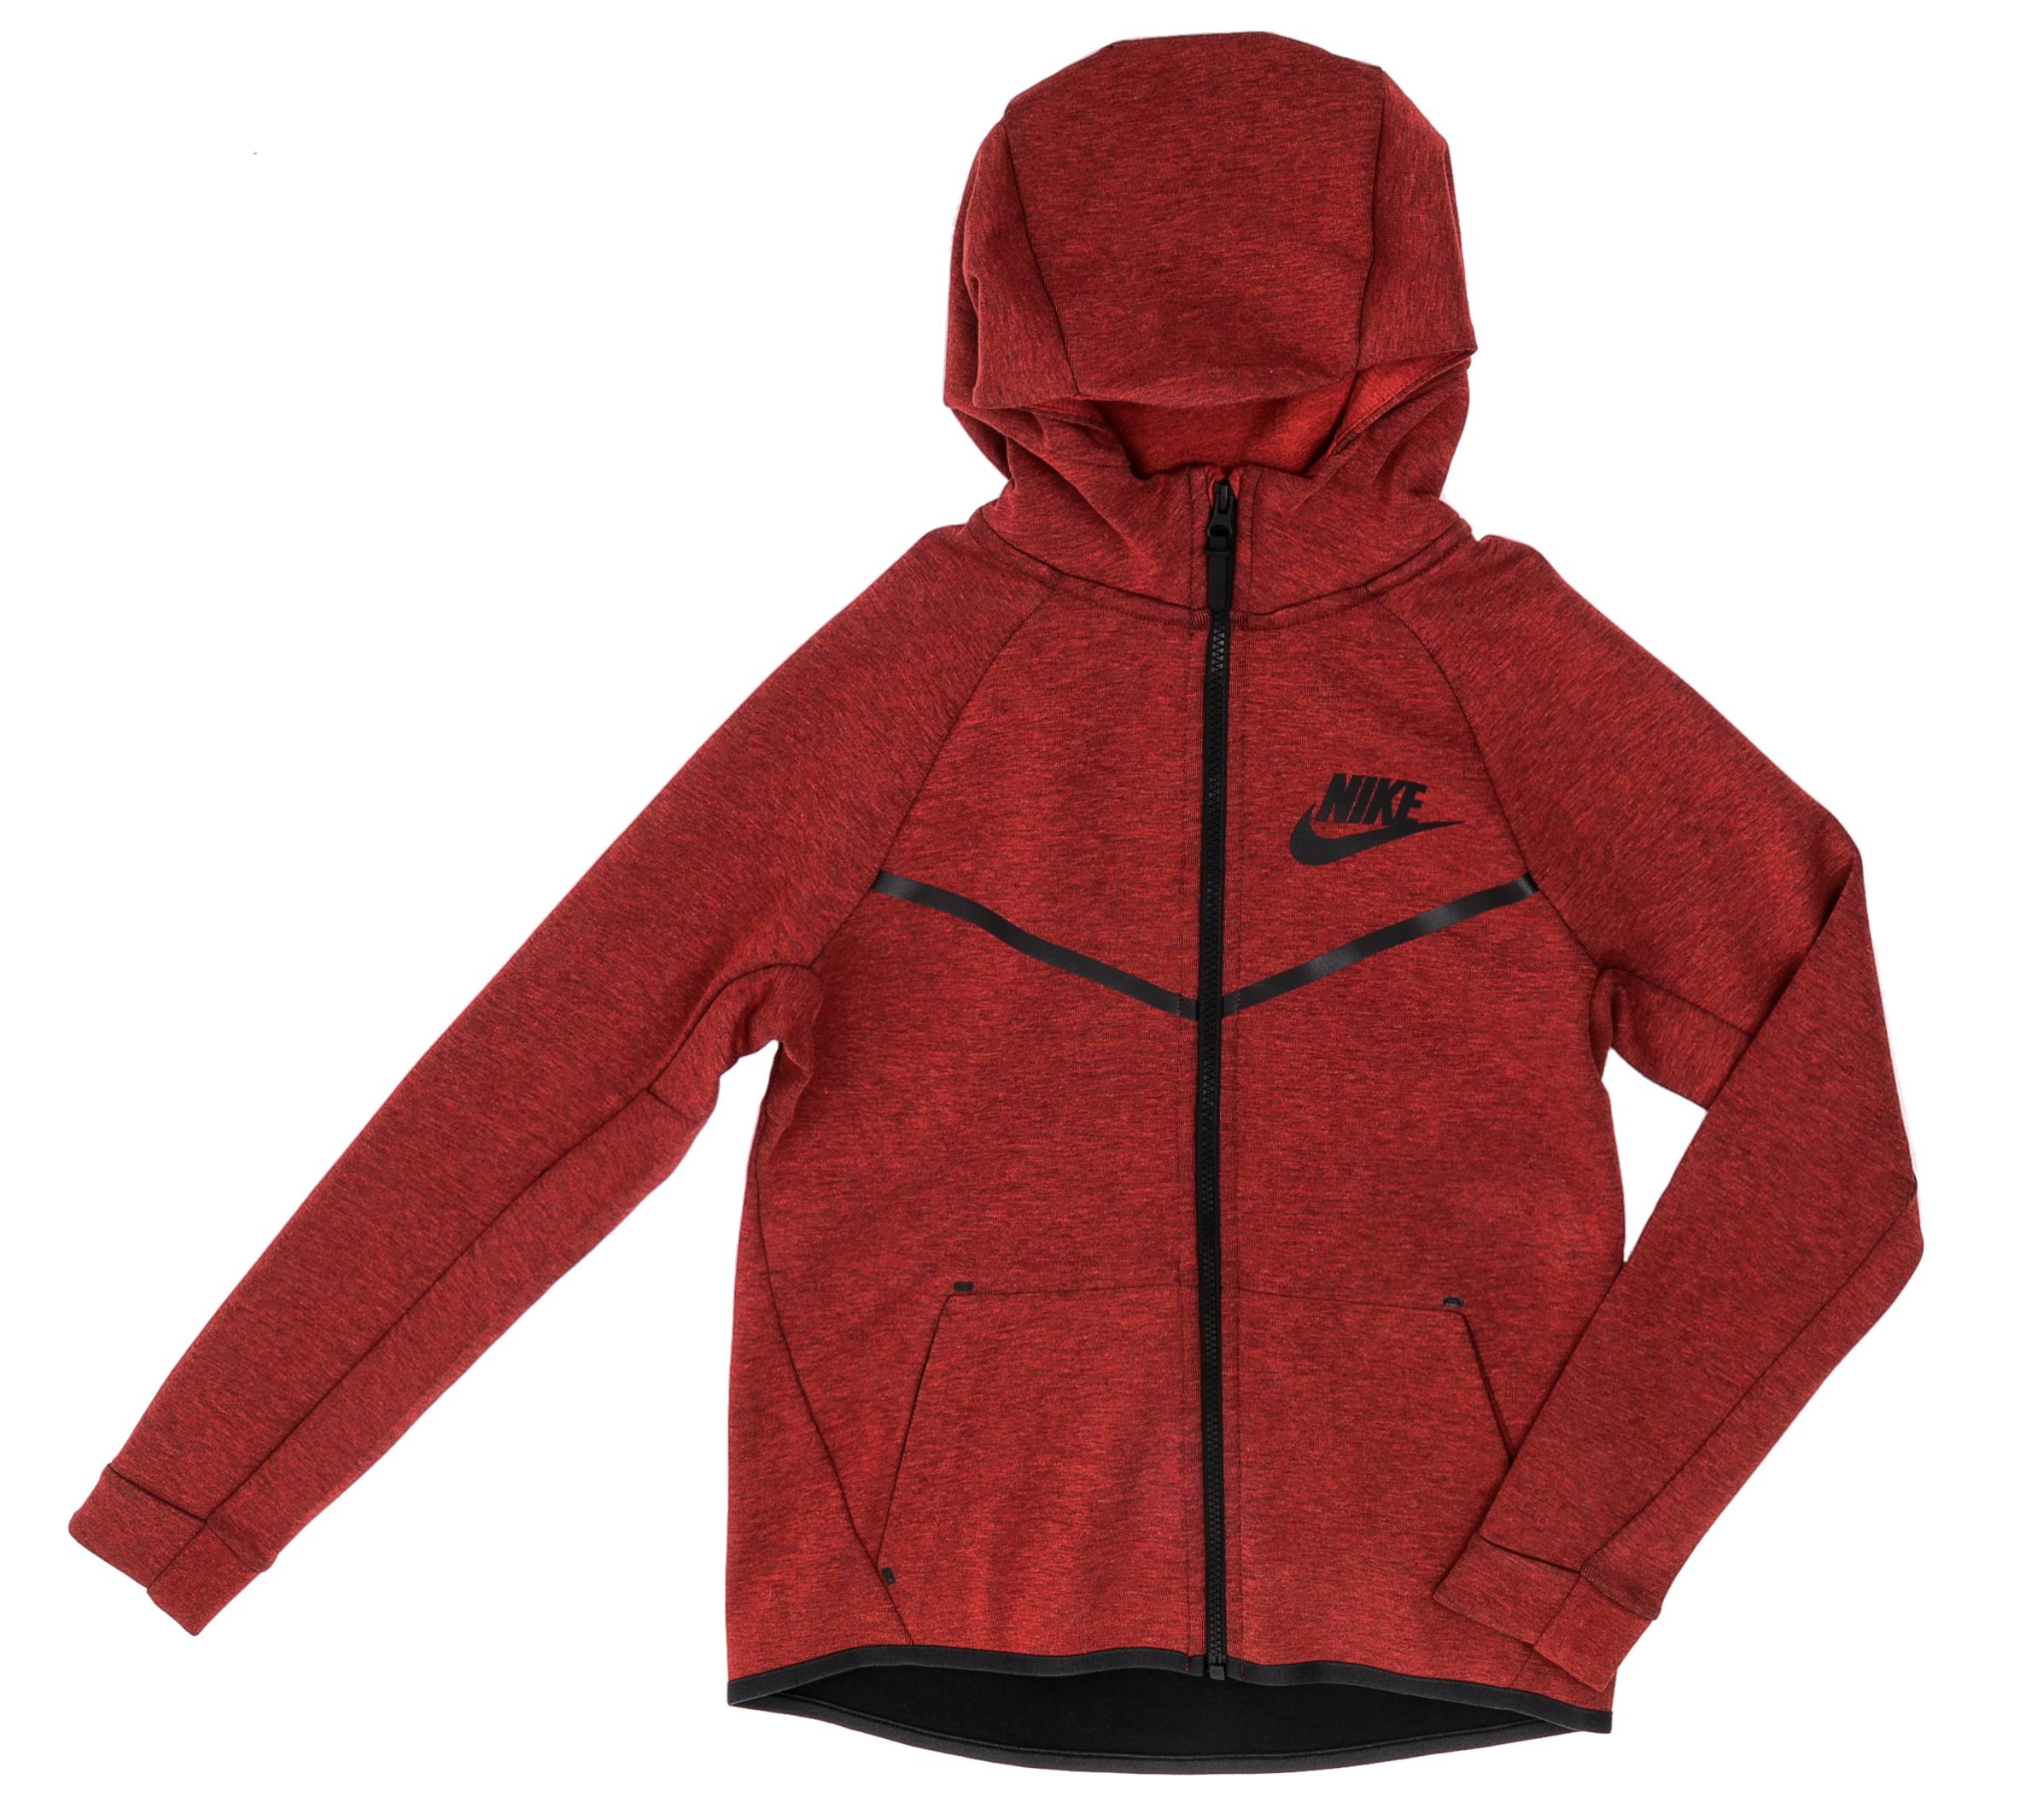 NIKE - Αγορίστικη ζακέτα Nike κόκκινη παιδικά boys ρούχα αθλητικά